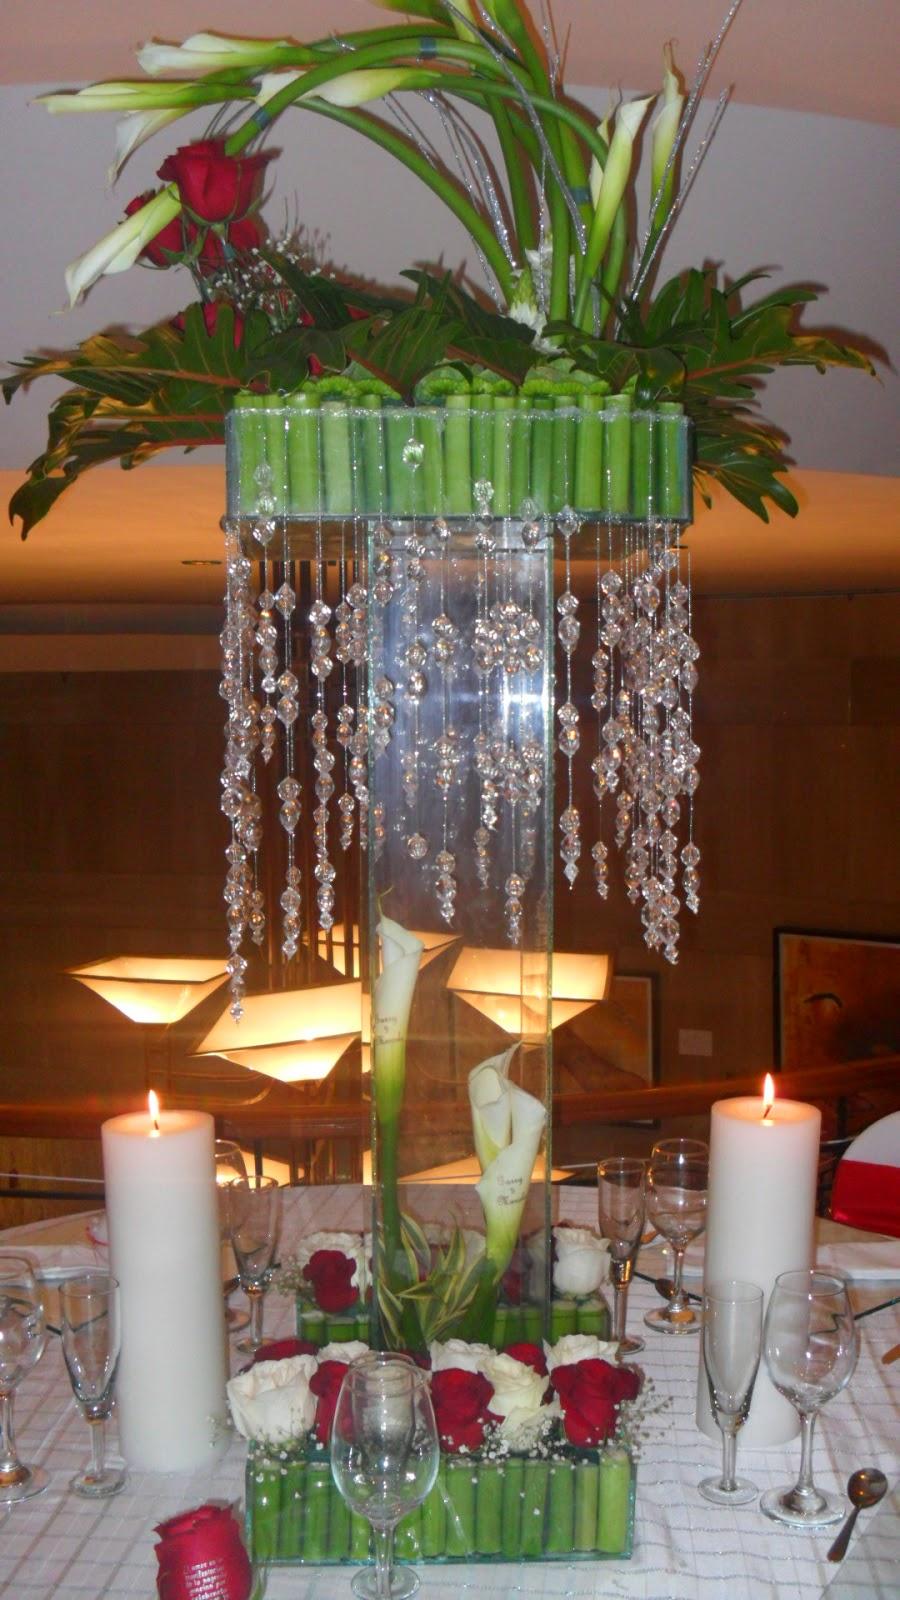 Centros de mesa para bodas fiori bella colombia for Bases para mesas de centro